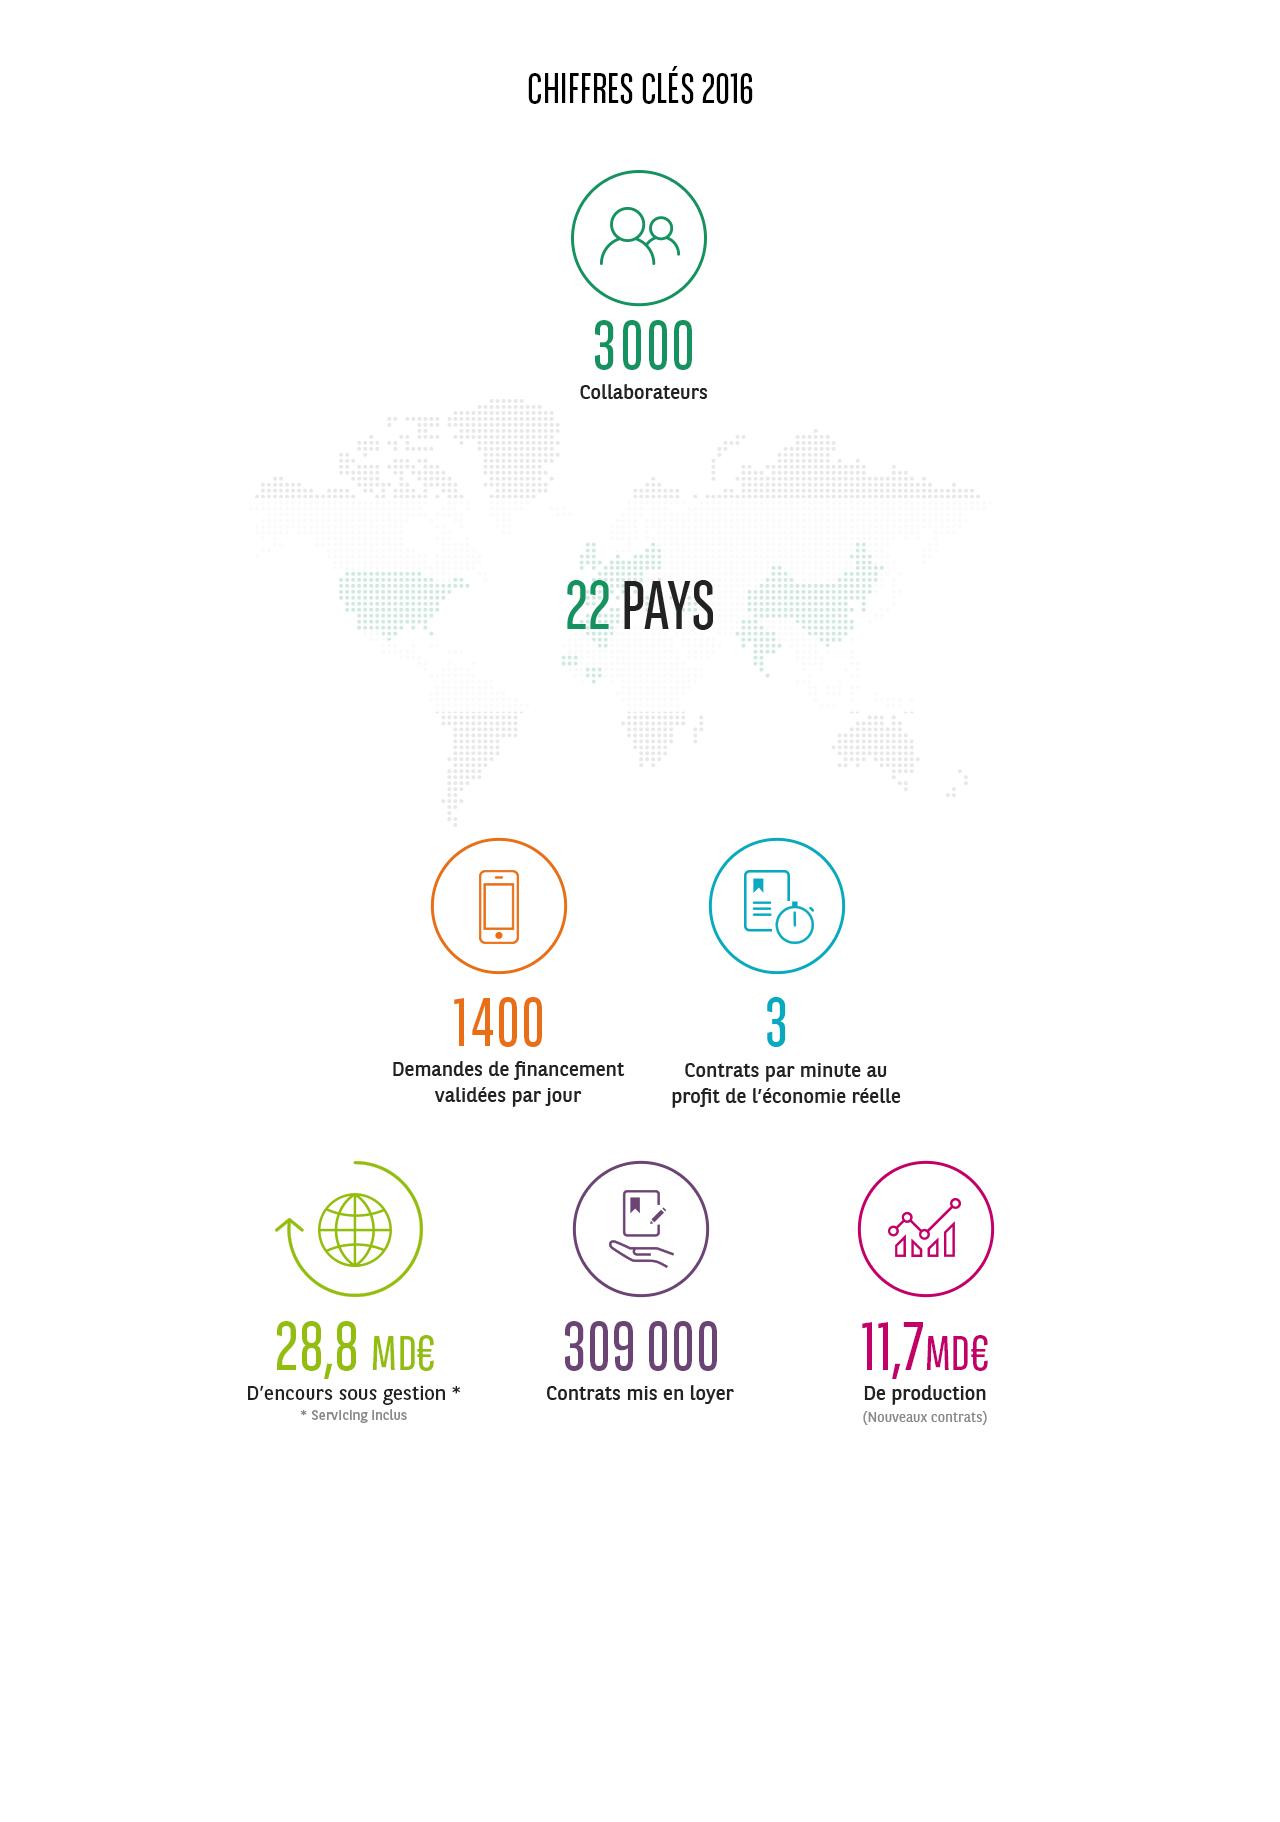 Chiffrés clés 2016 - BNP Paribas Leasing Solutions